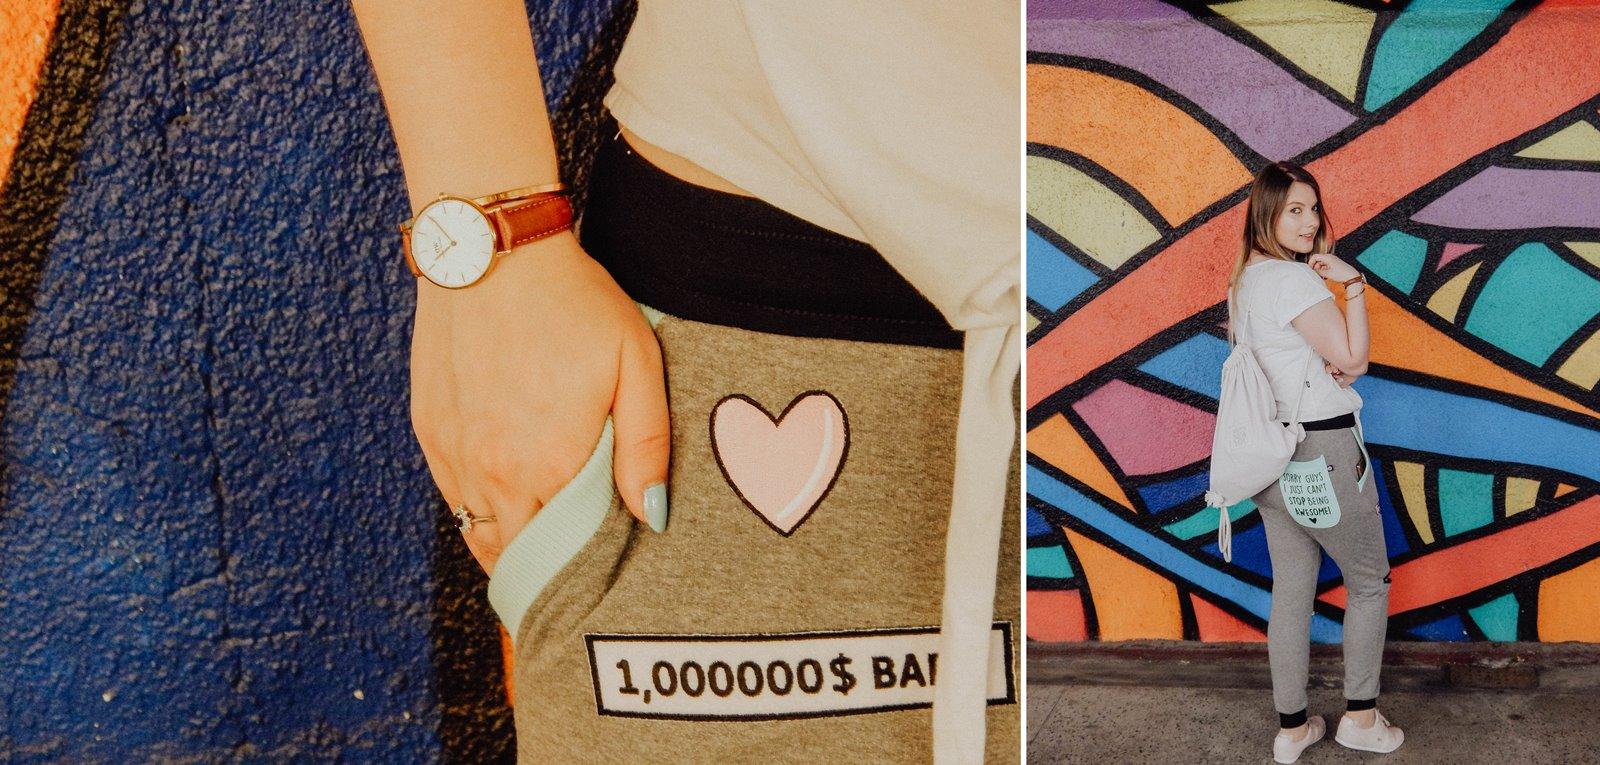 łap nas tylizacja spodnie z suwakami dresówki z dziurami tshirt t-shirt z kaktusem blog blogerka modowa stylizacja łódź fashion beauty kraków kolorowe miejsca streetwear streetstyle